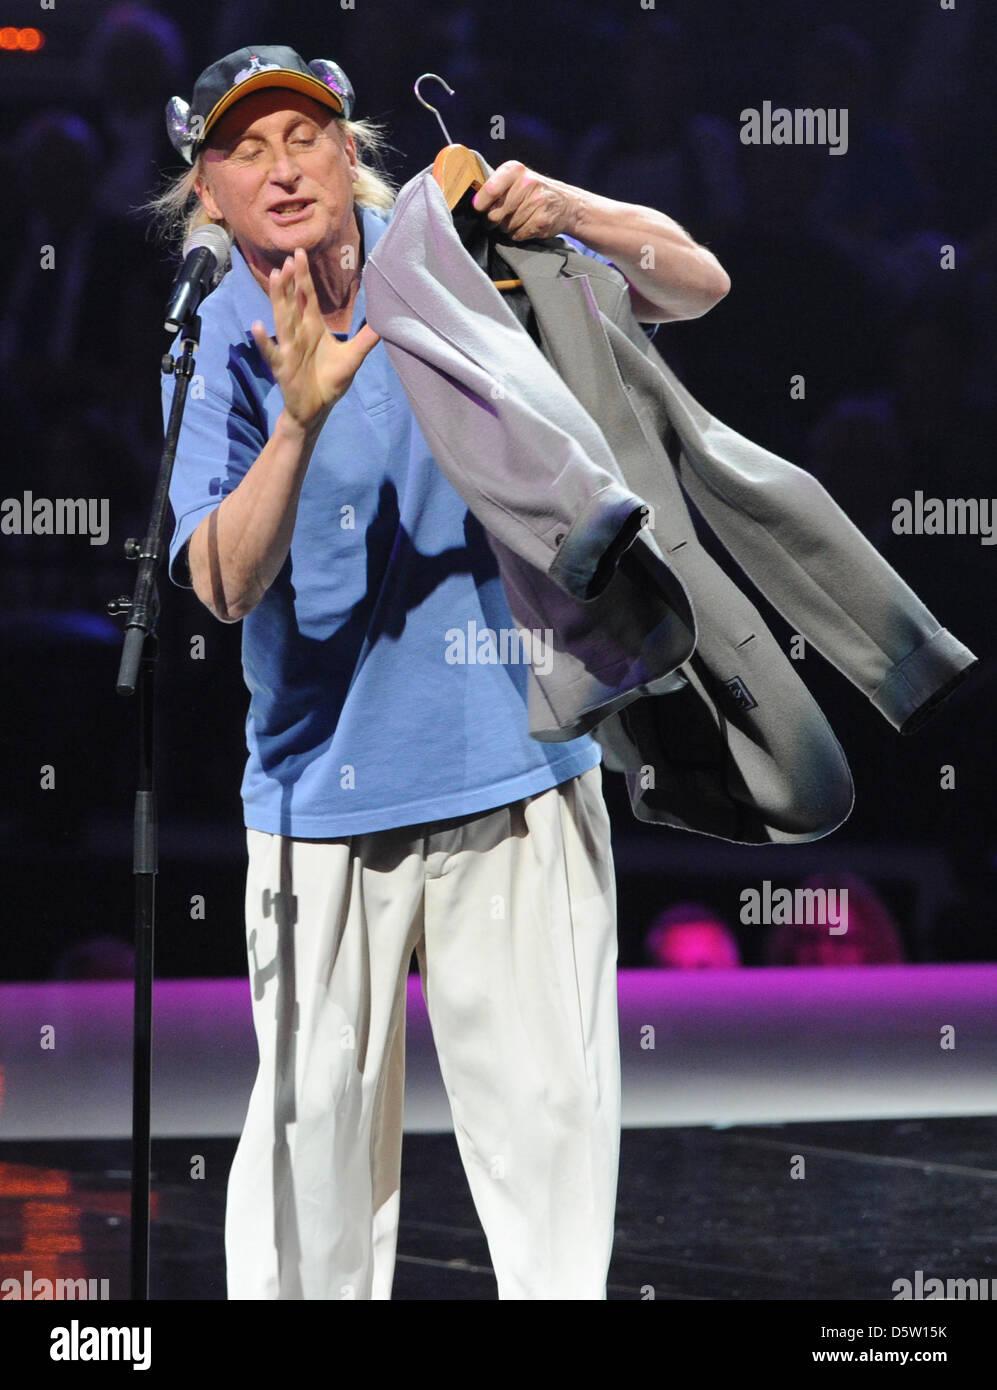 Komiker Otto steht am 29.09.2012 in Hamburg bei der Gala zum 125-jährigen Bestehen des HSV auf der Bühne. Foto: Stock Photo